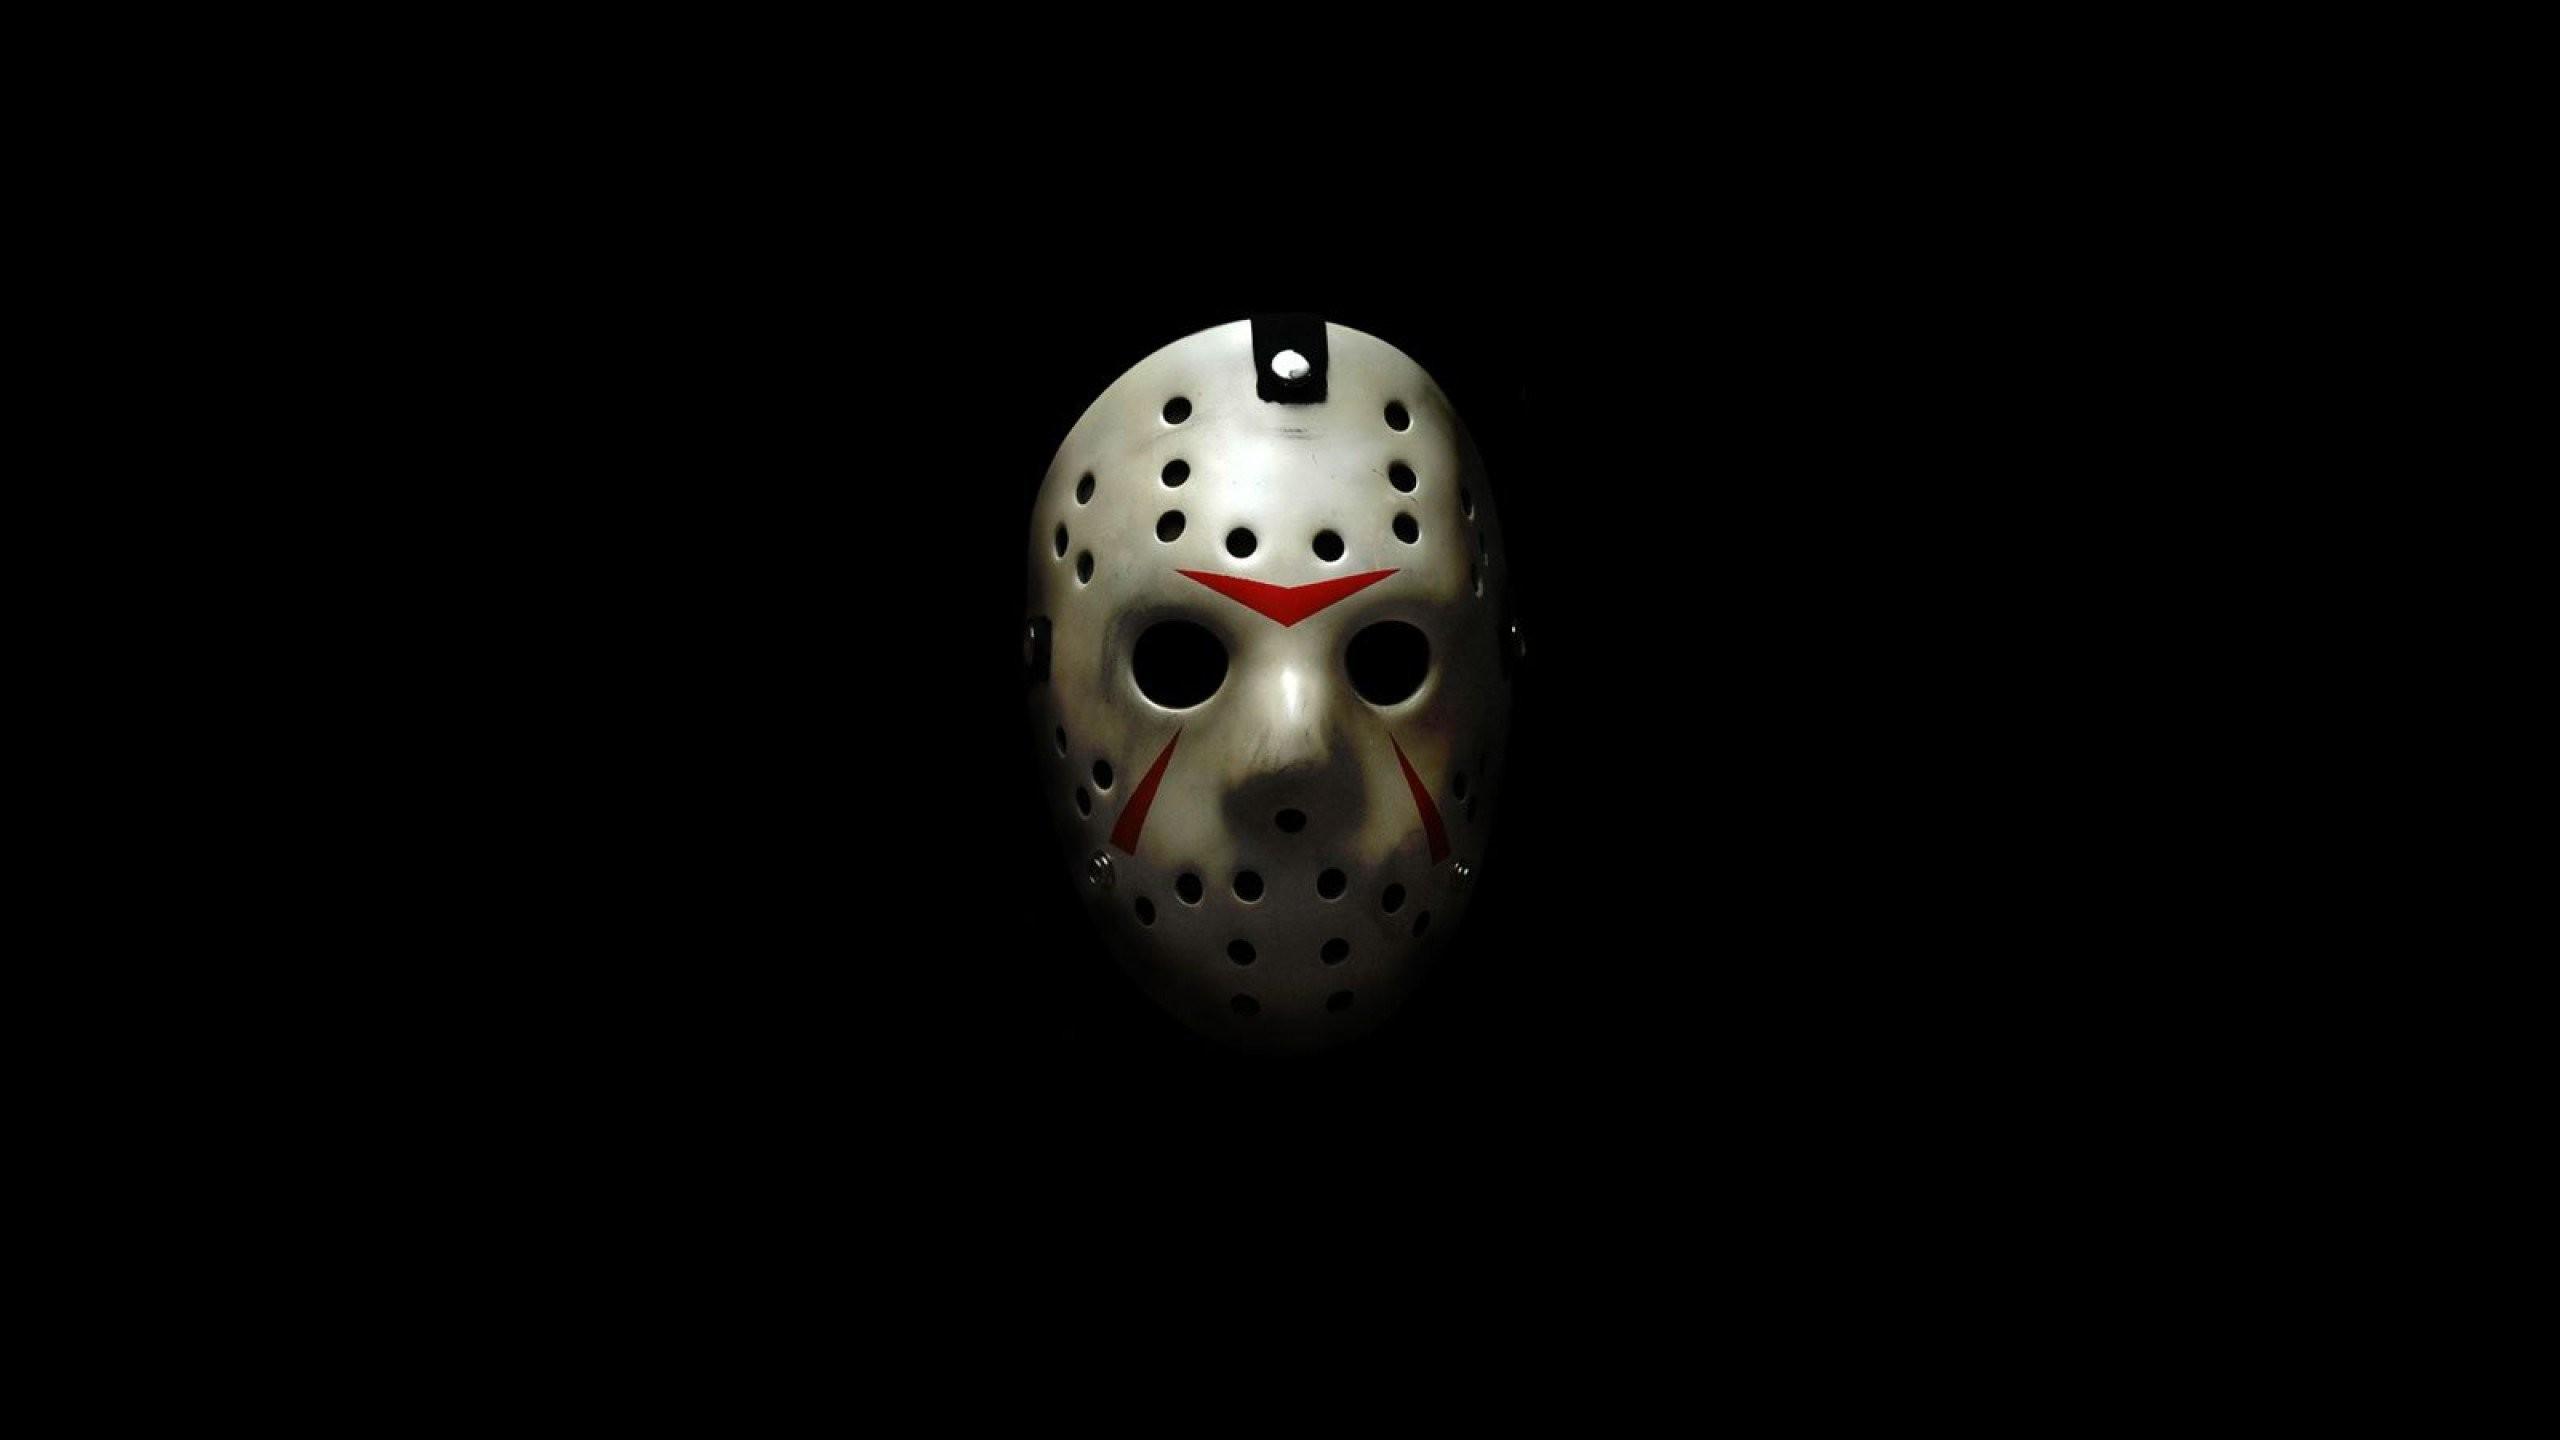 FRIDAY 13TH dark horror violence killer jason thriller fridayhorror  halloween mask wallpaper     604222   WallpaperUP